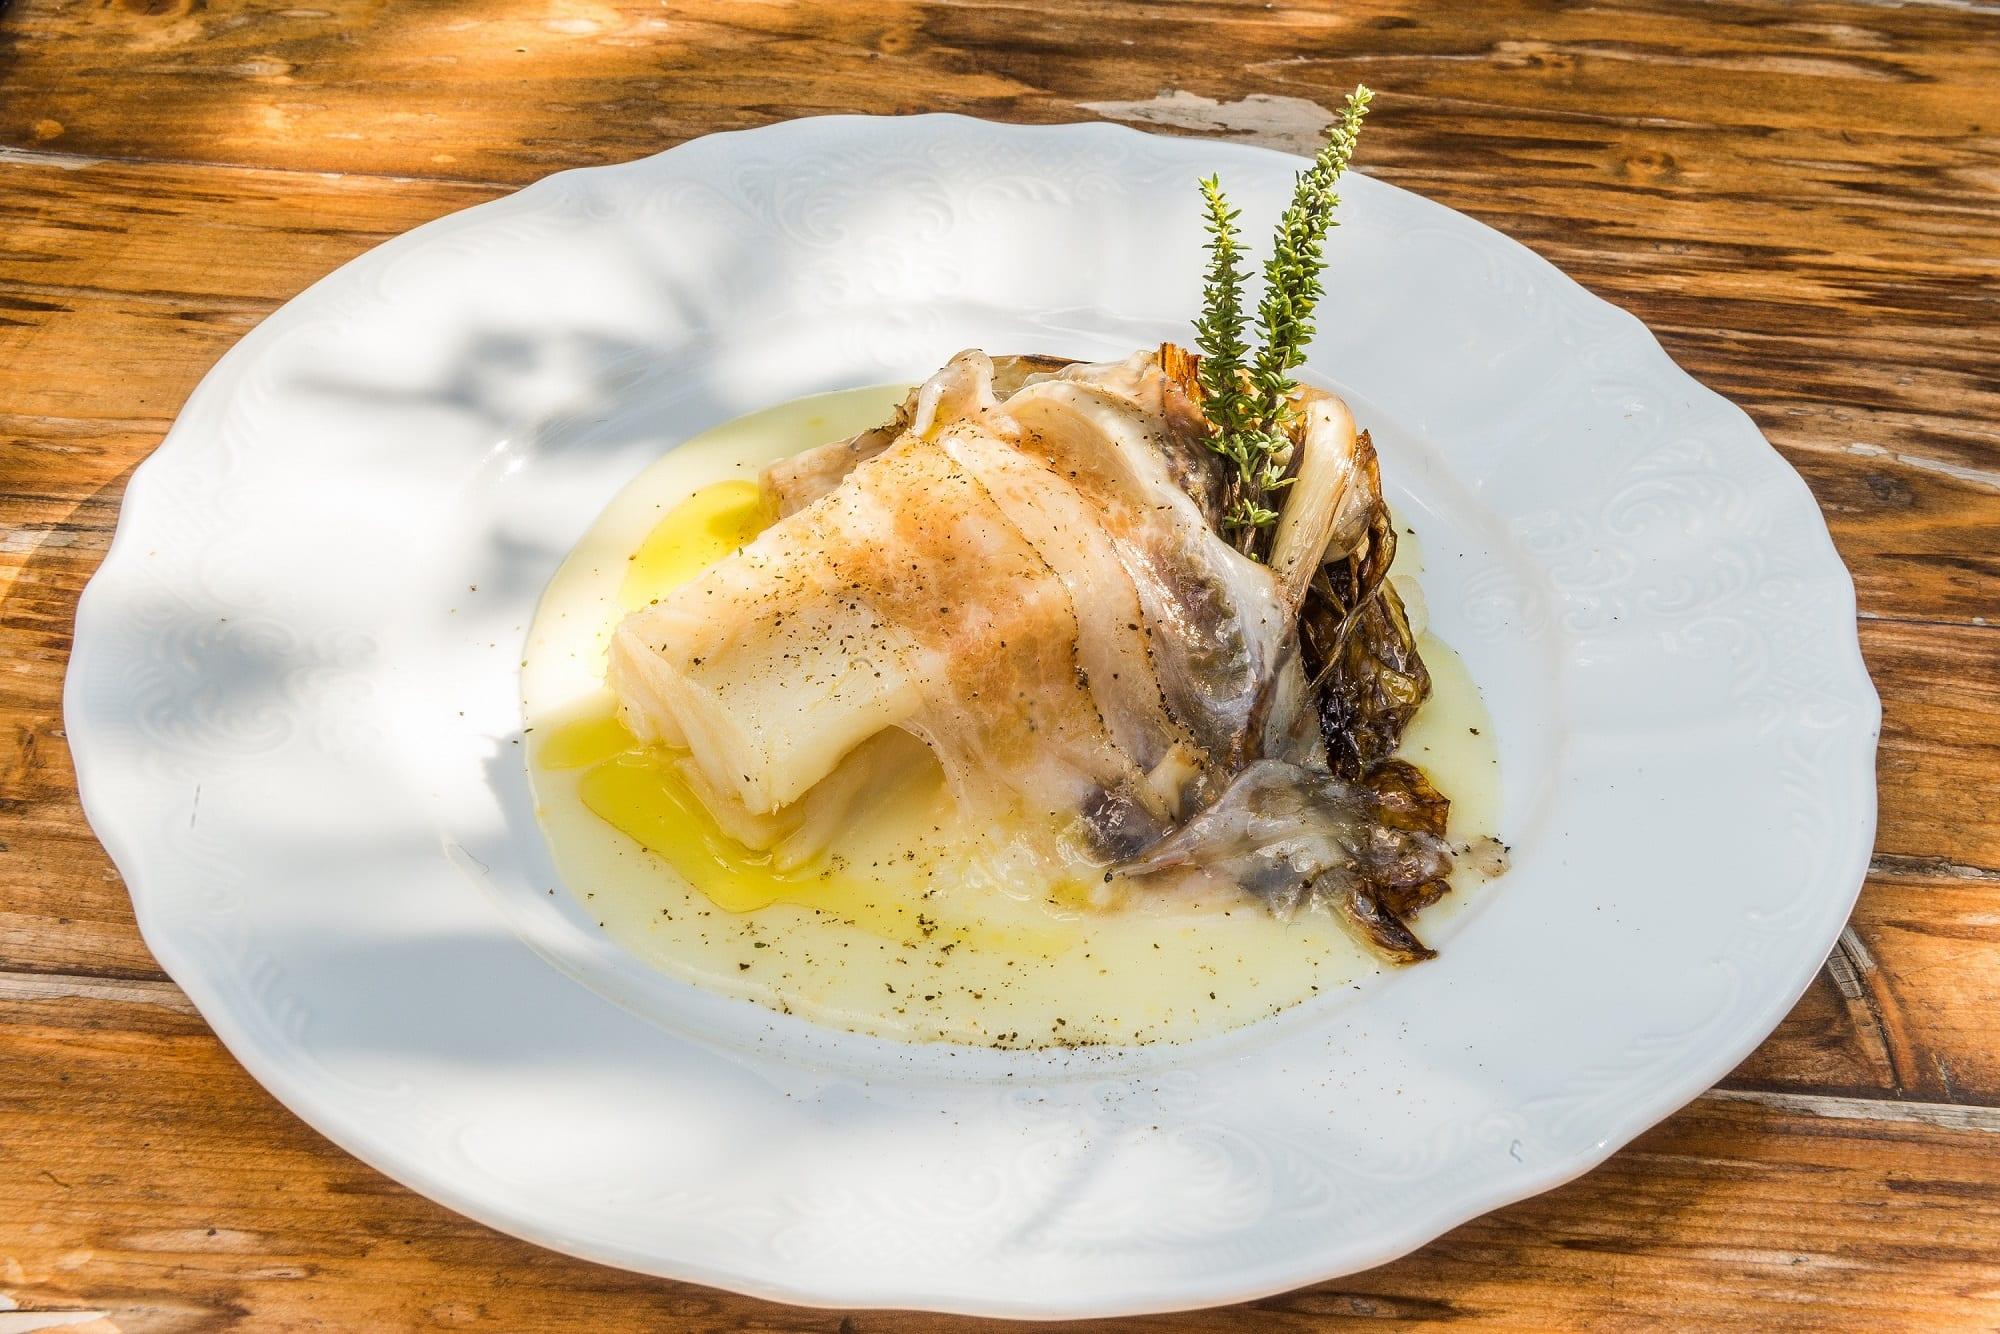 Crema di patate al limone Stoccafisso Norvegese radicchio confit e guanciale di mora romagnola_diego rossi chef